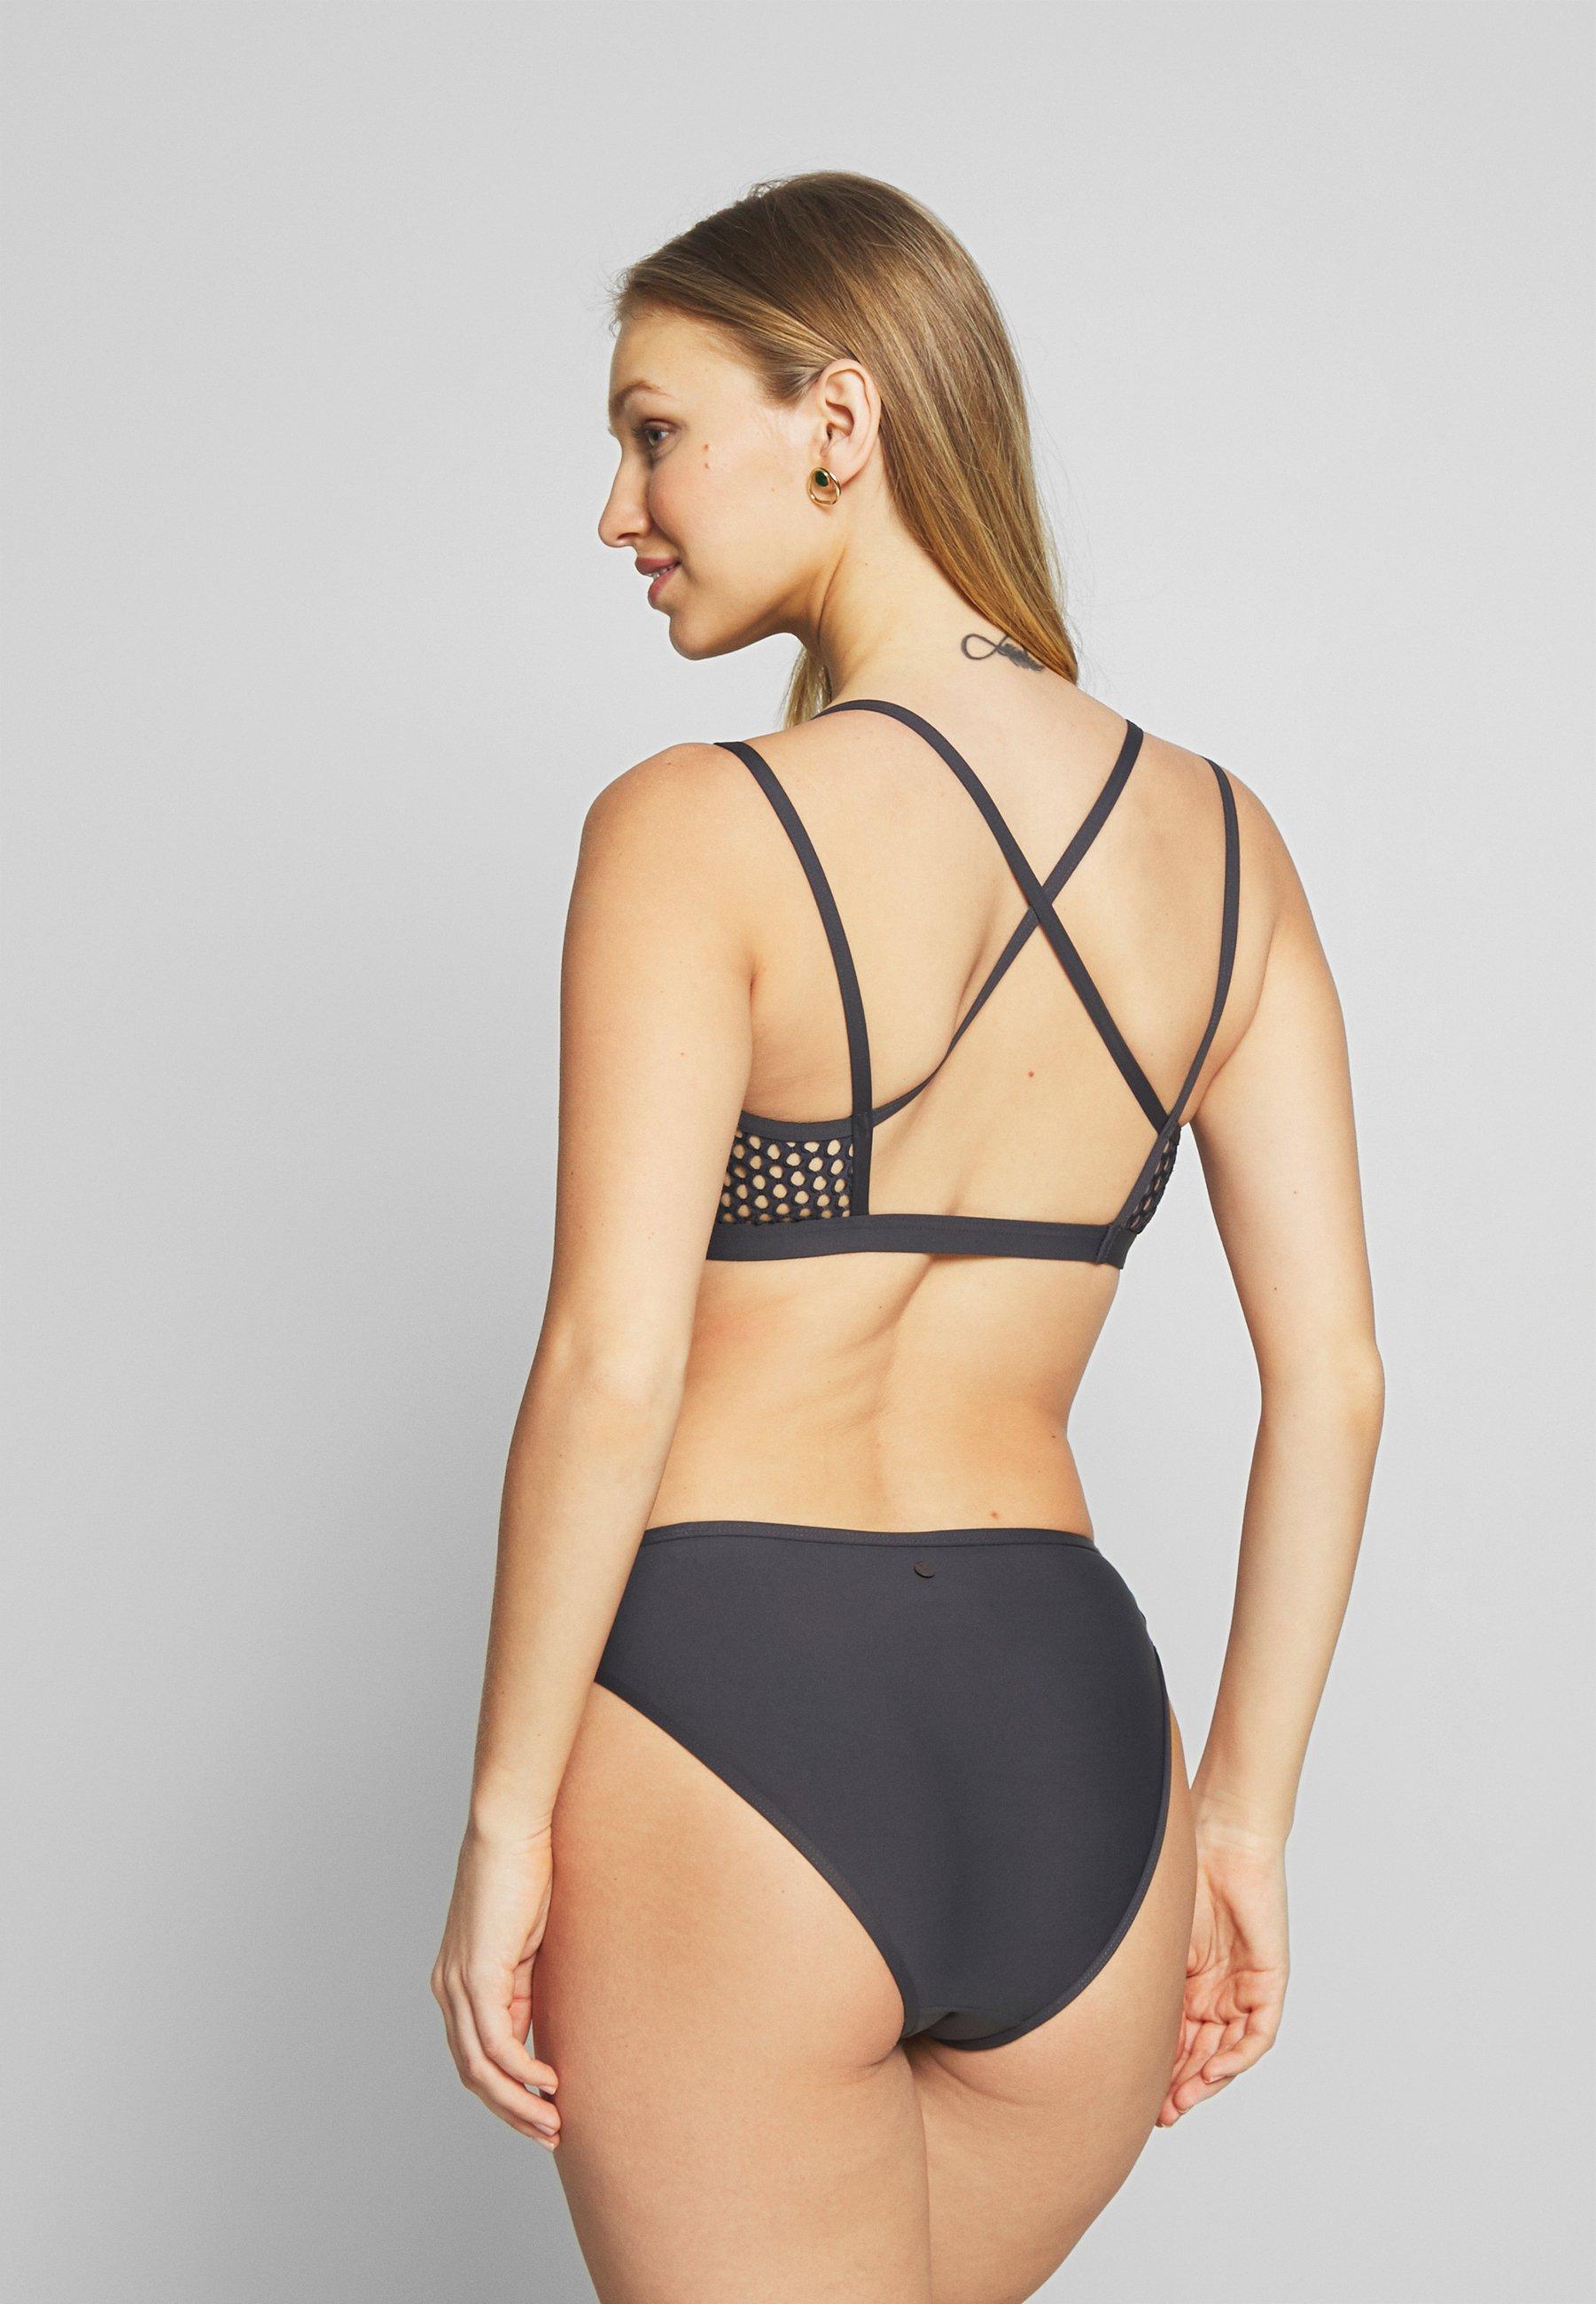 Esprit CERRO BEACH BRIEF - Bikiniunderdel - anthracite